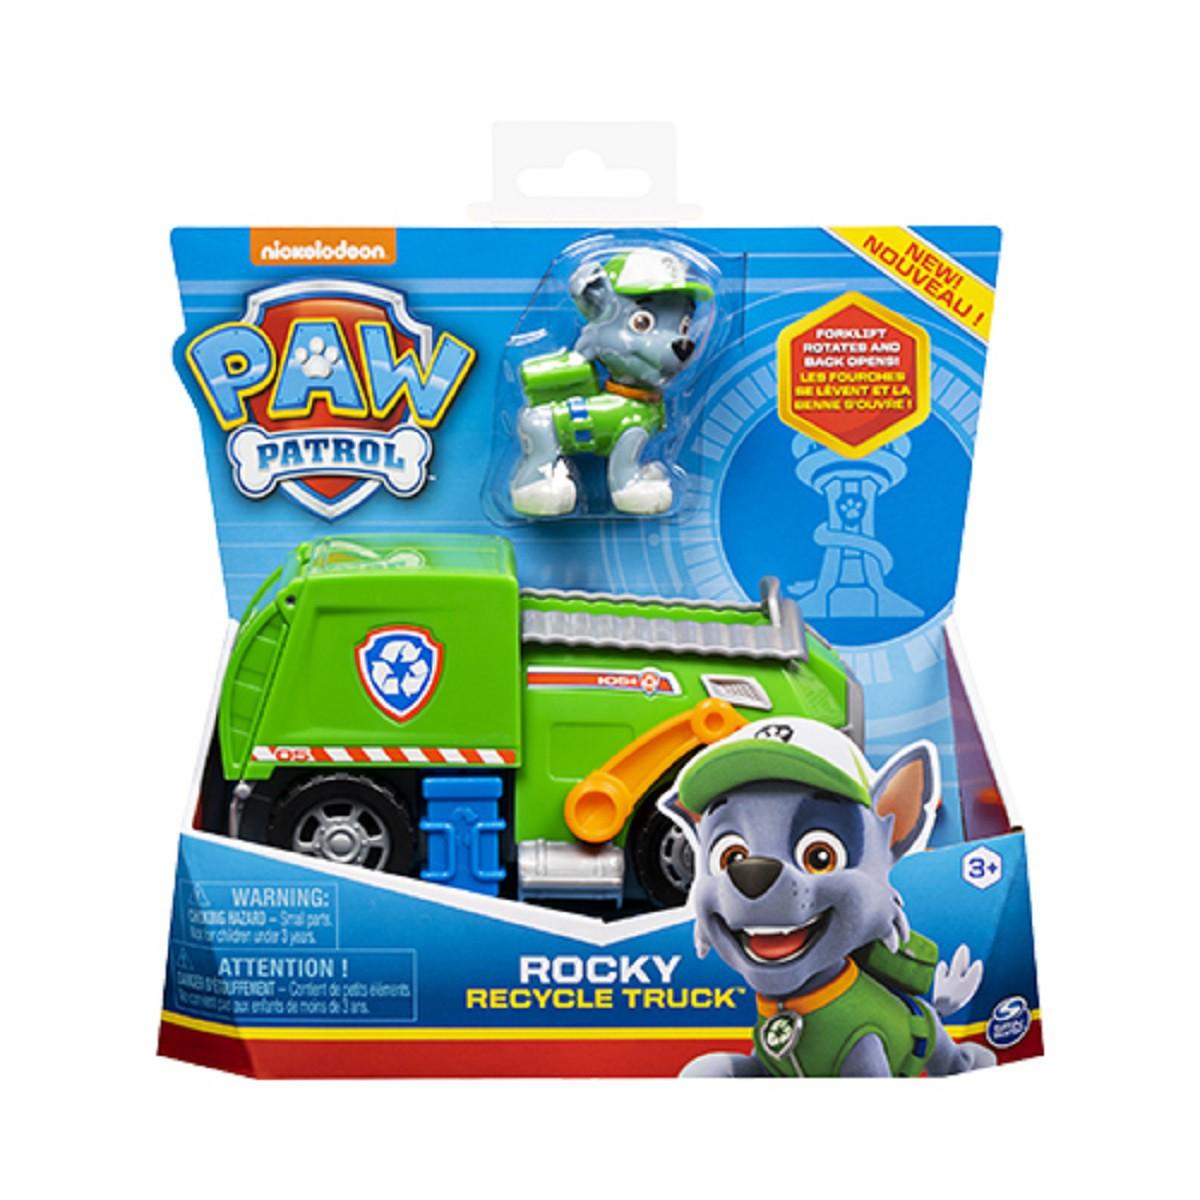 Veículo Básico Patrulha Canina Rocky Recycle Truck Original